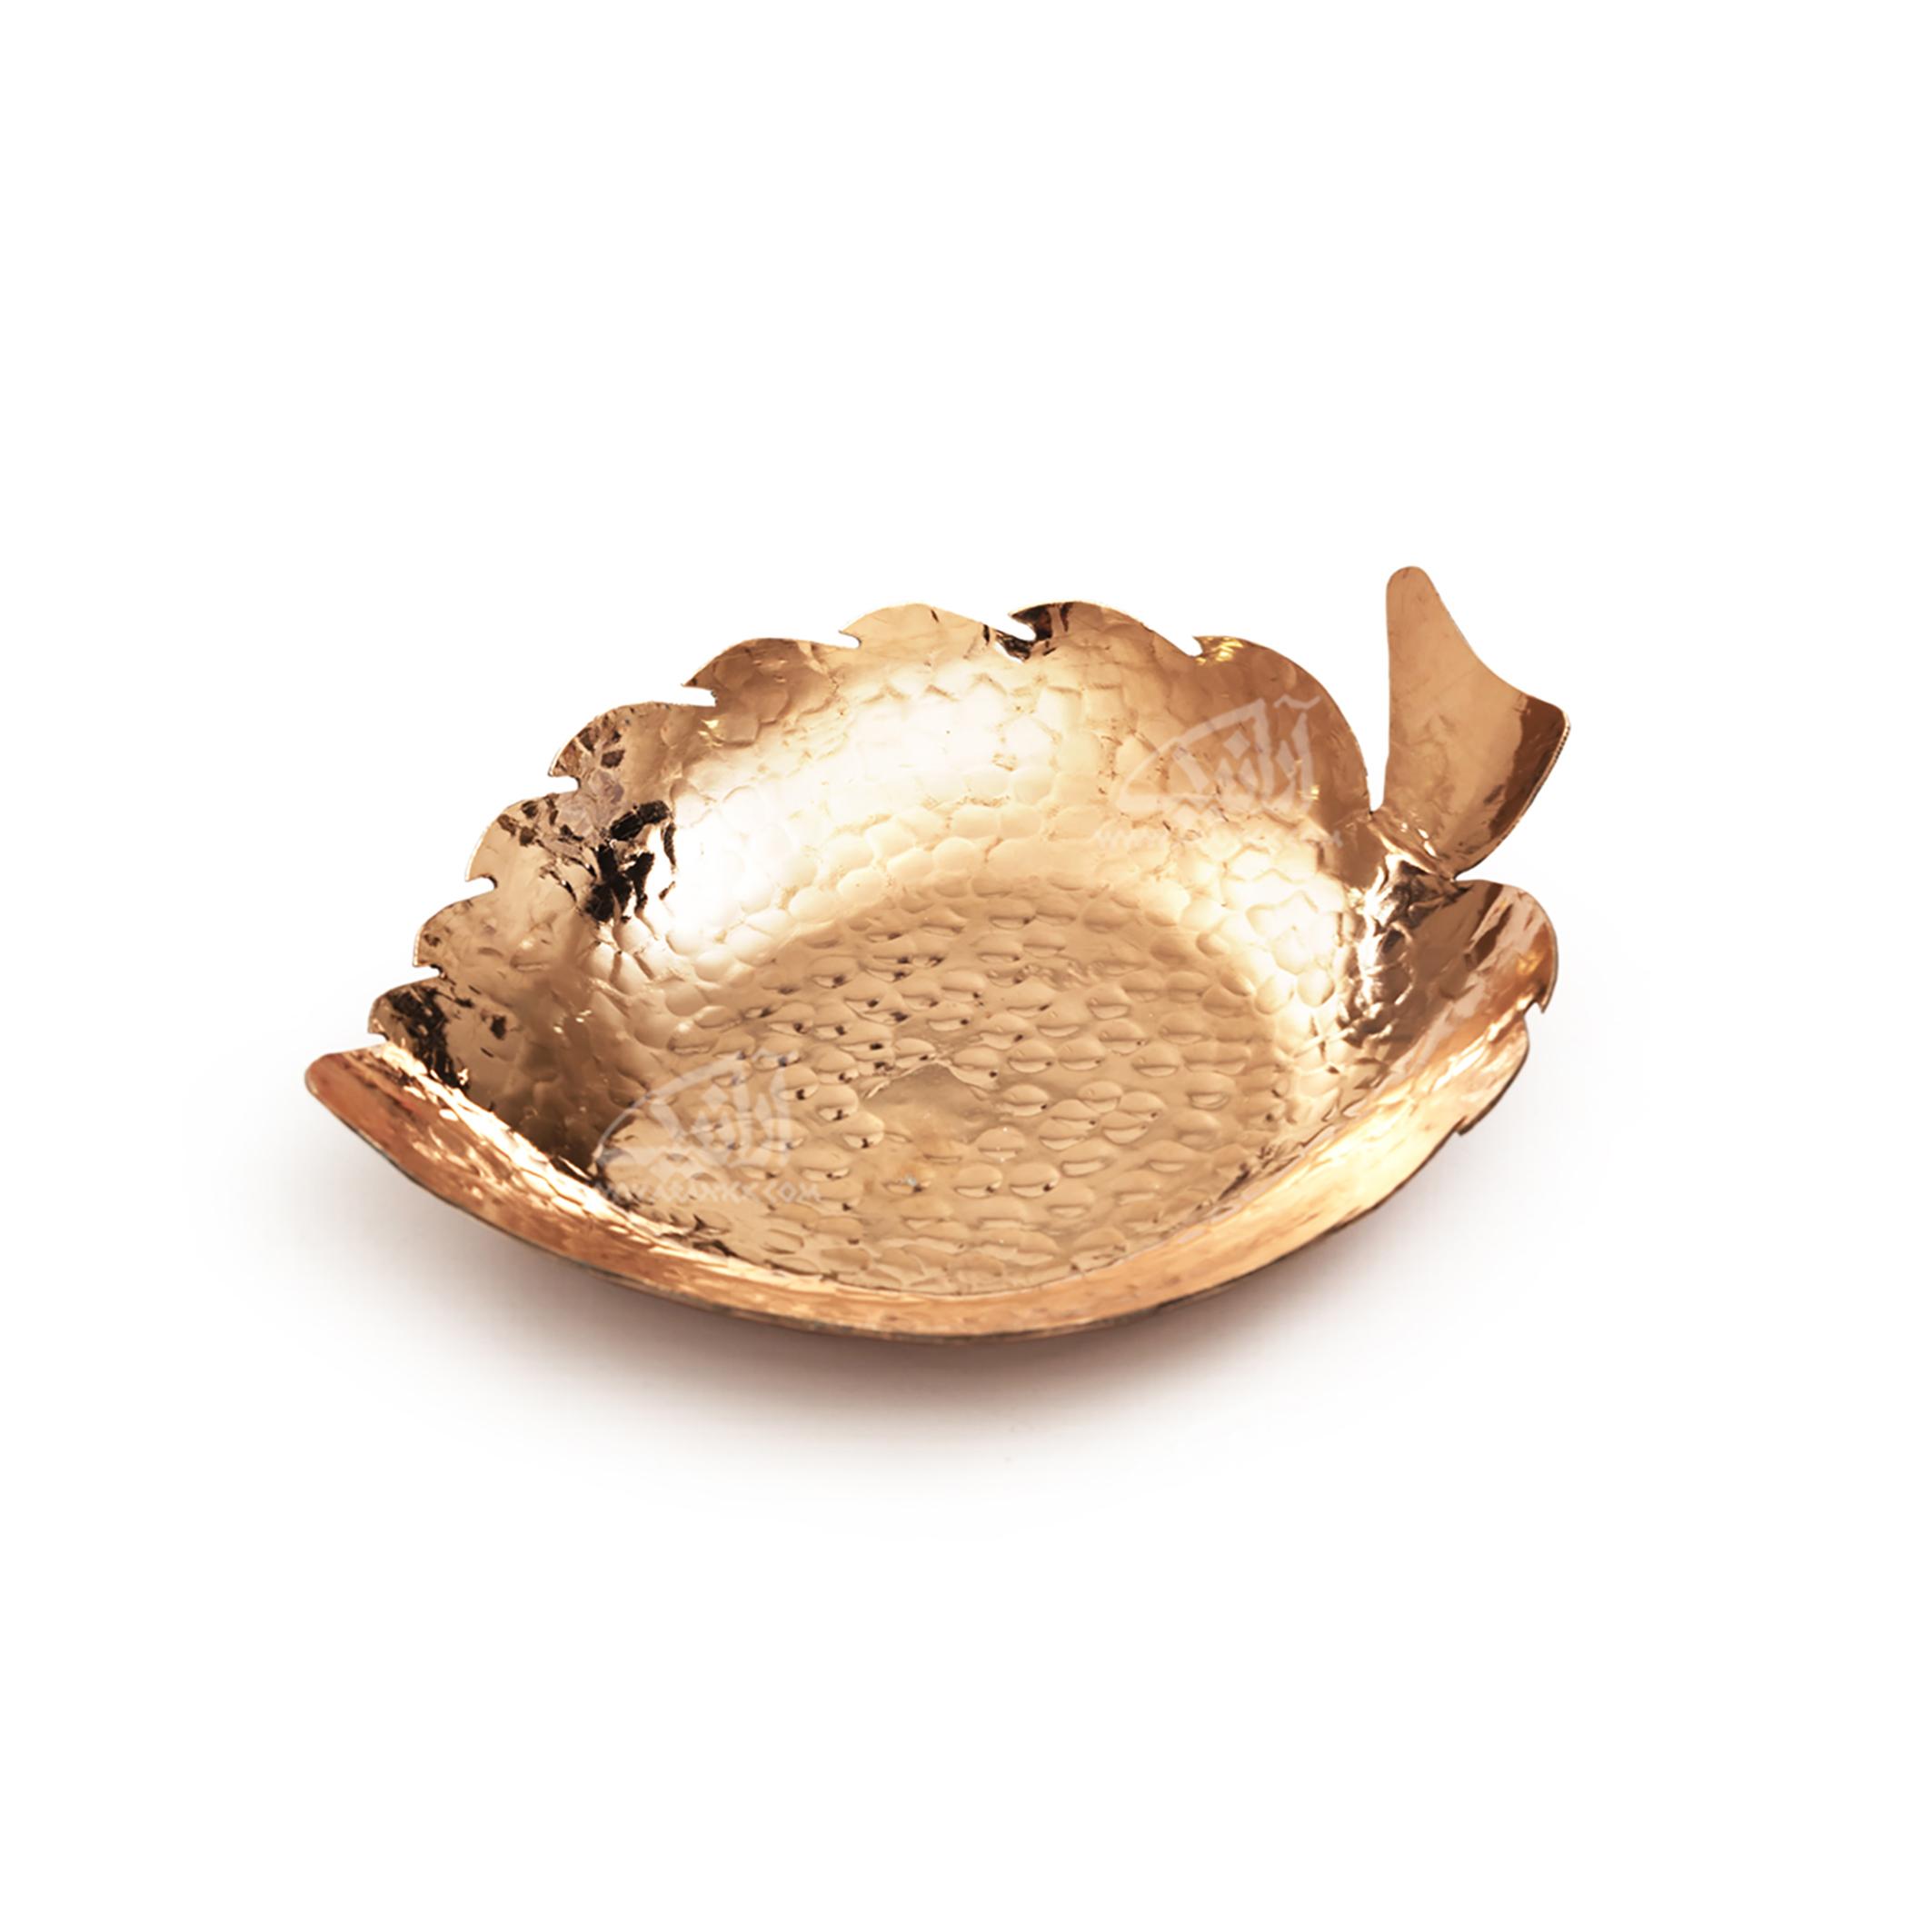 شکلات خوری مسیرنگ مسی طرح برگ  مدل 1001200067